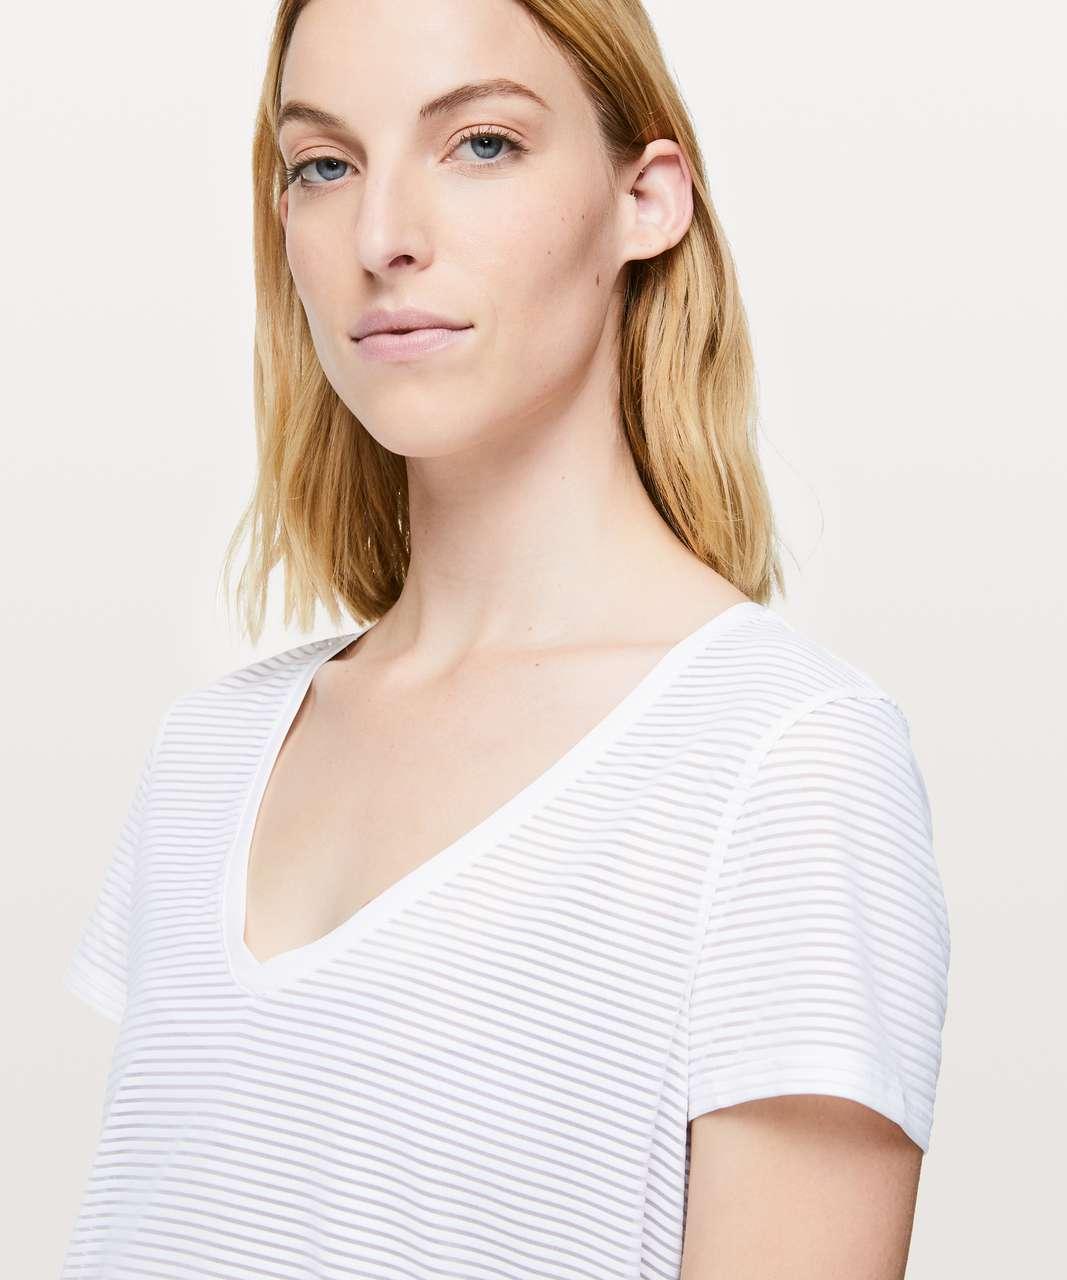 Lululemon All Love Crew *Striped Mesh - White